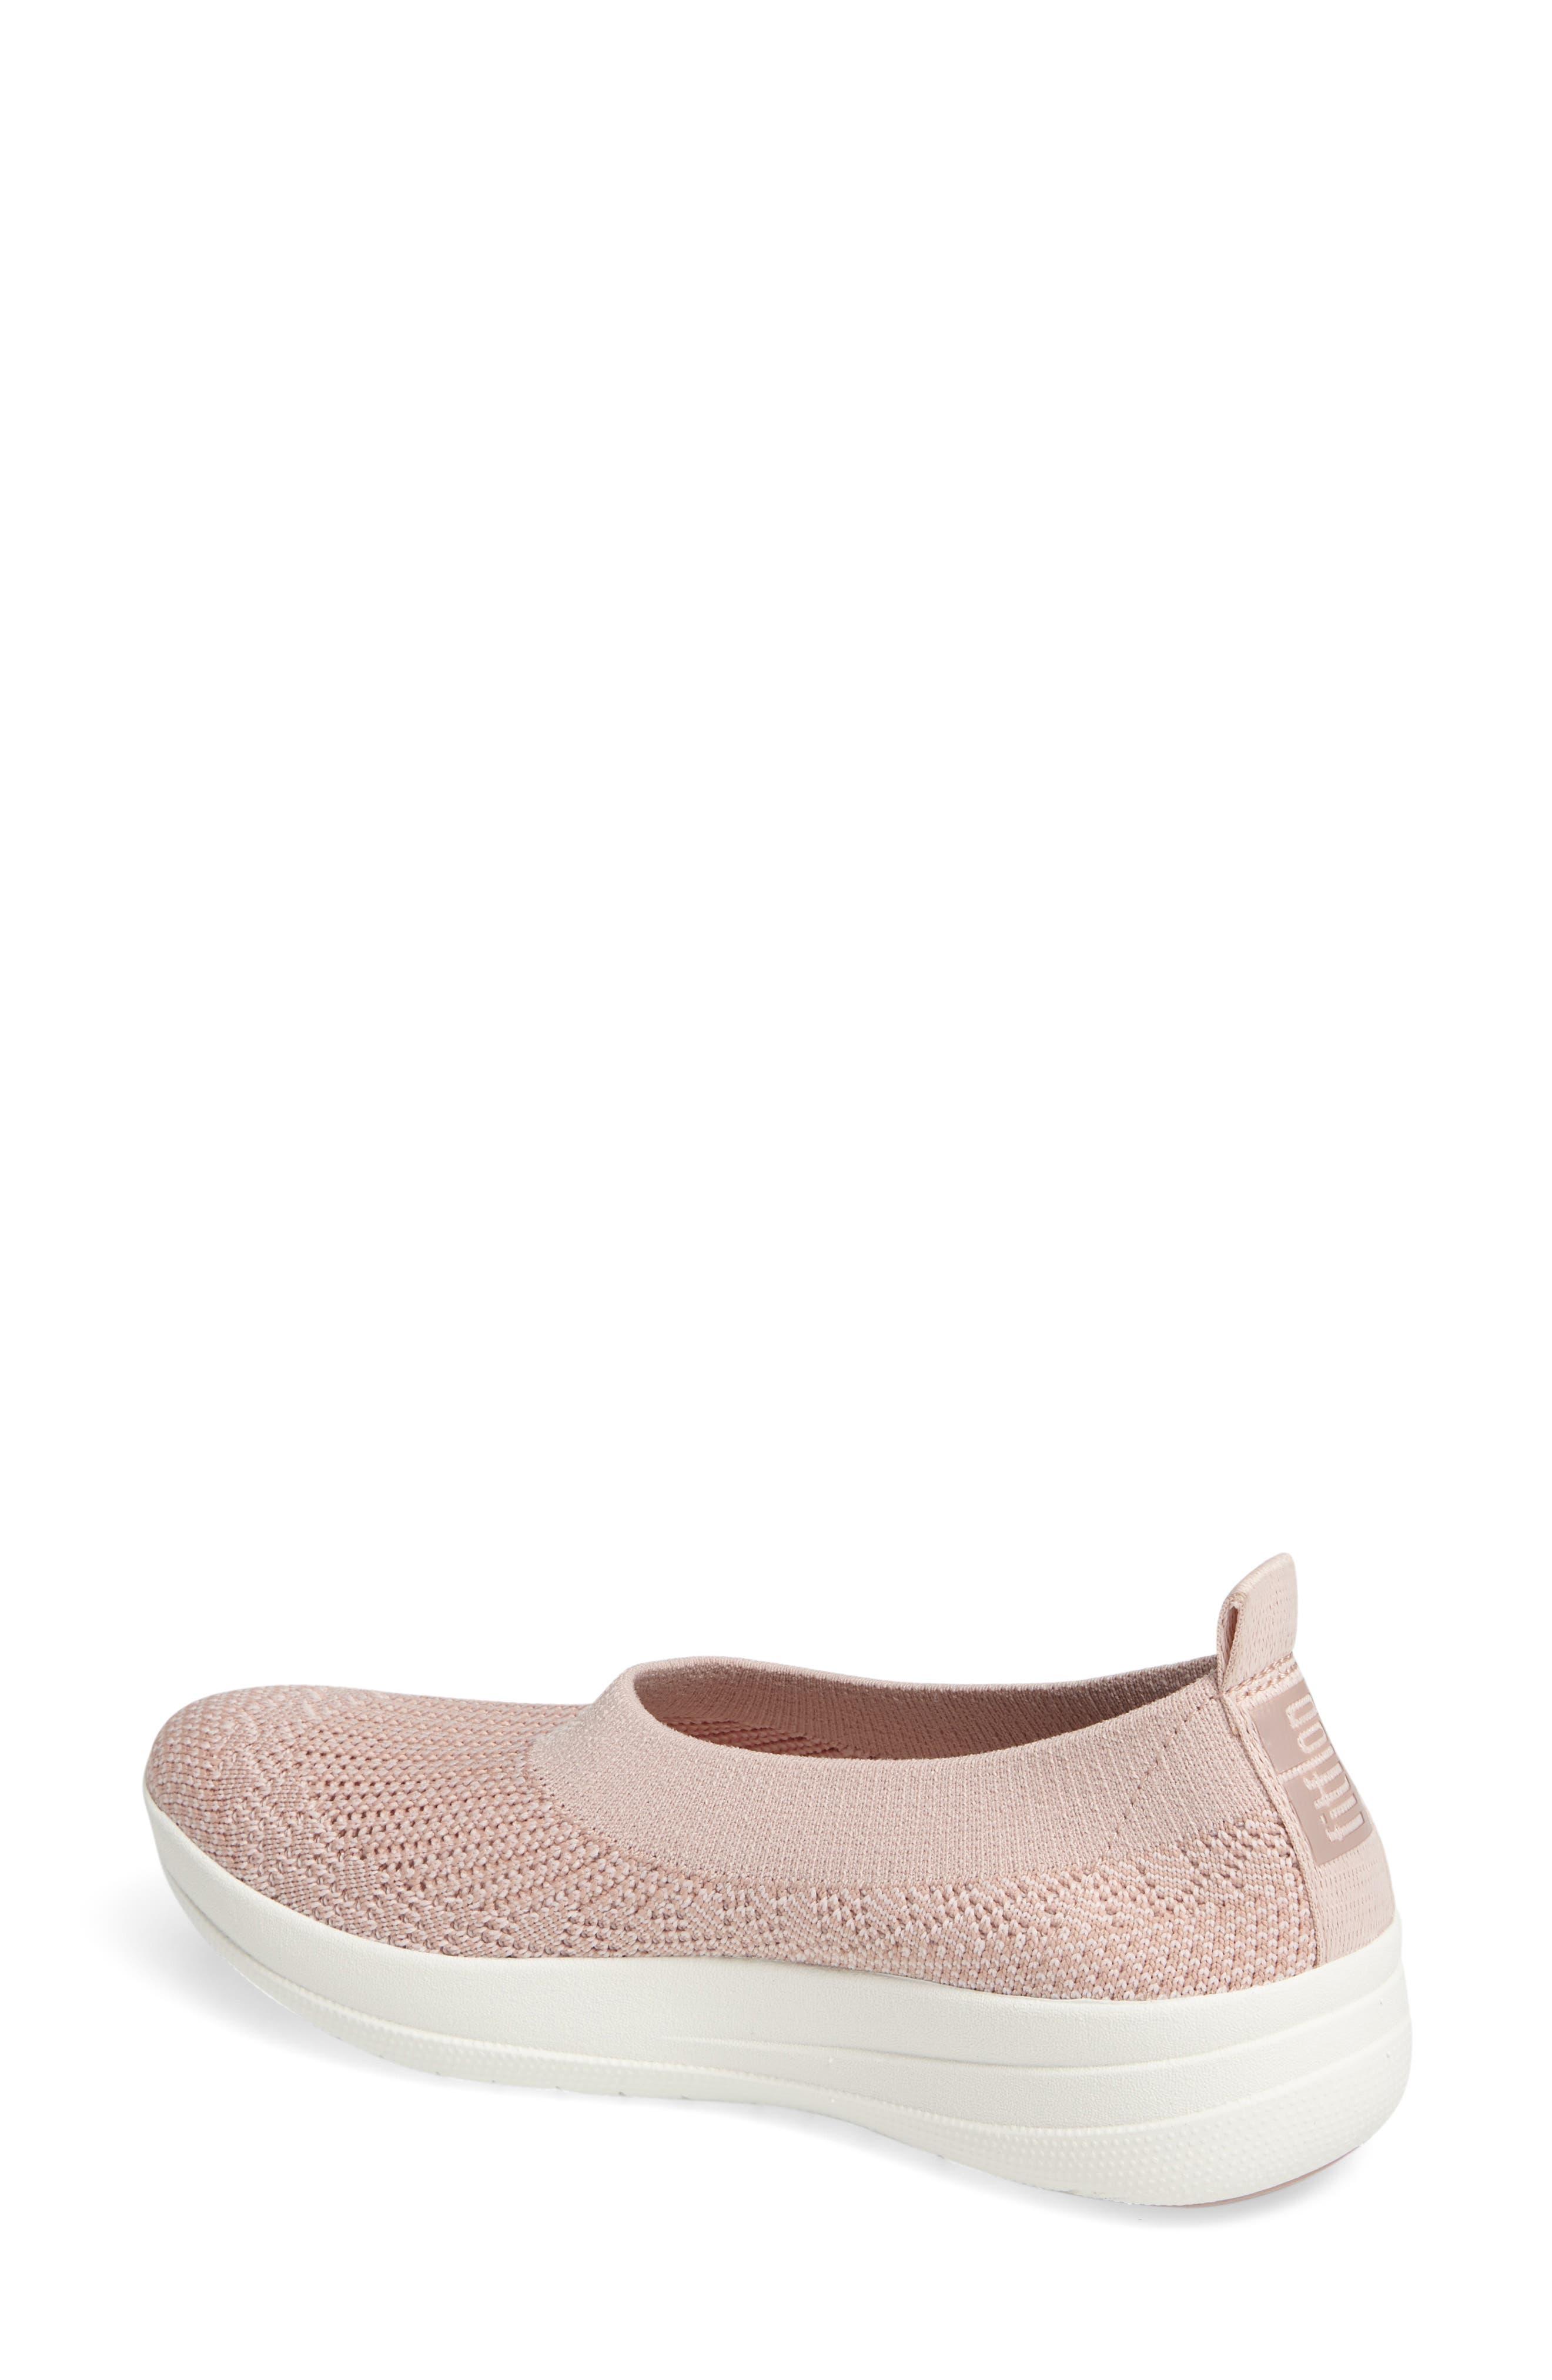 Alternate Image 2  - FitFlop Uberknit Slip-On Sneaker (Women)